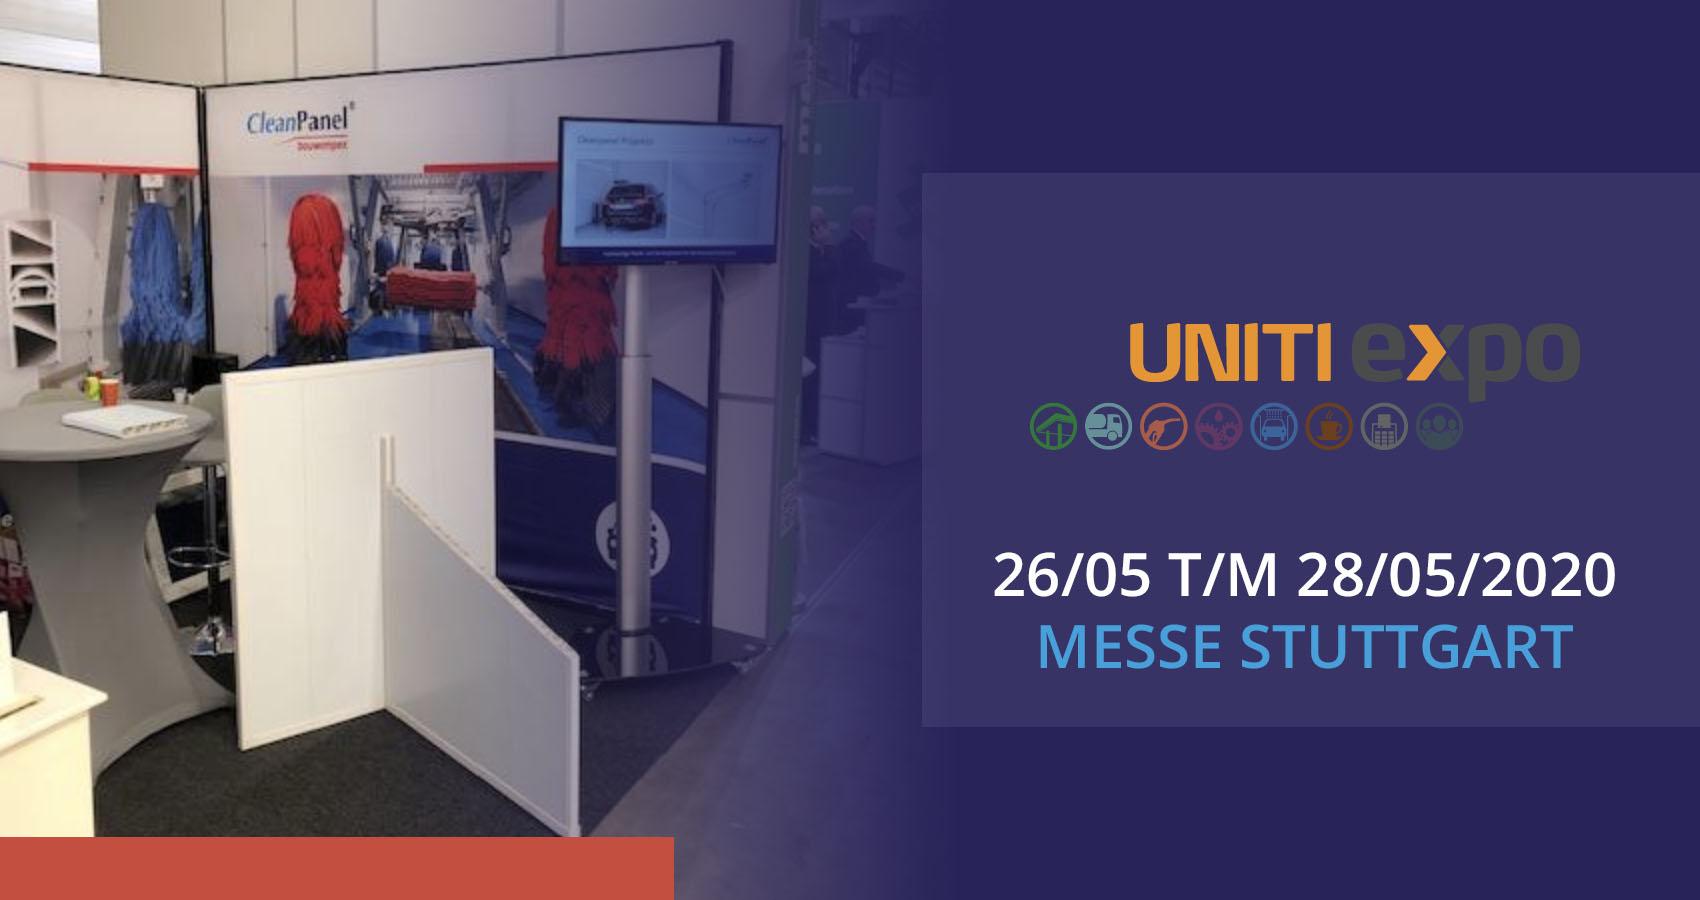 Bezoek de Cleanpanel stand bij de Uniti expo in Stuttgart.